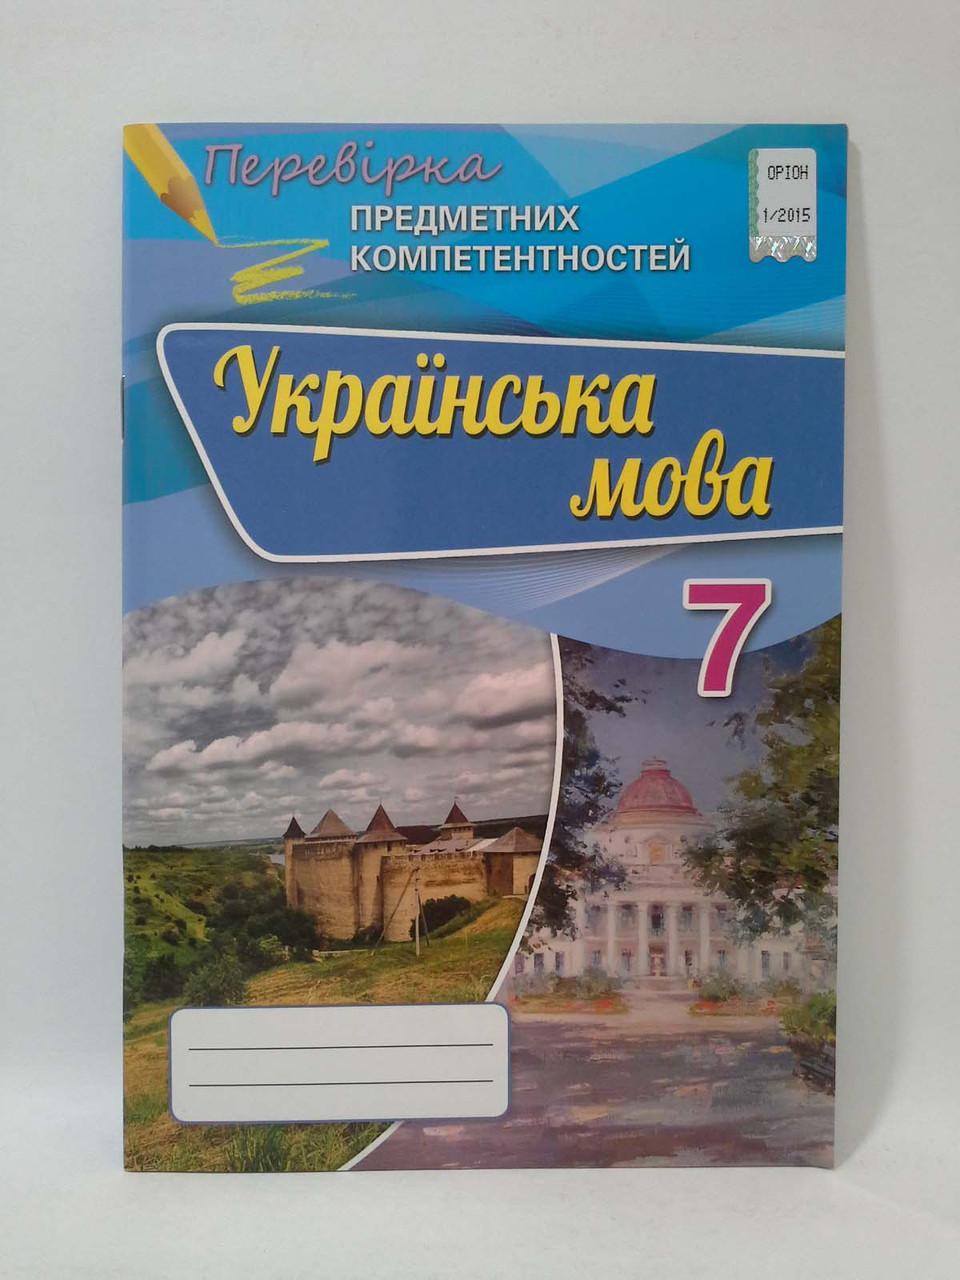 Оріон Українська мова 7 клас Перевірка предметних компетентностей Авраменко